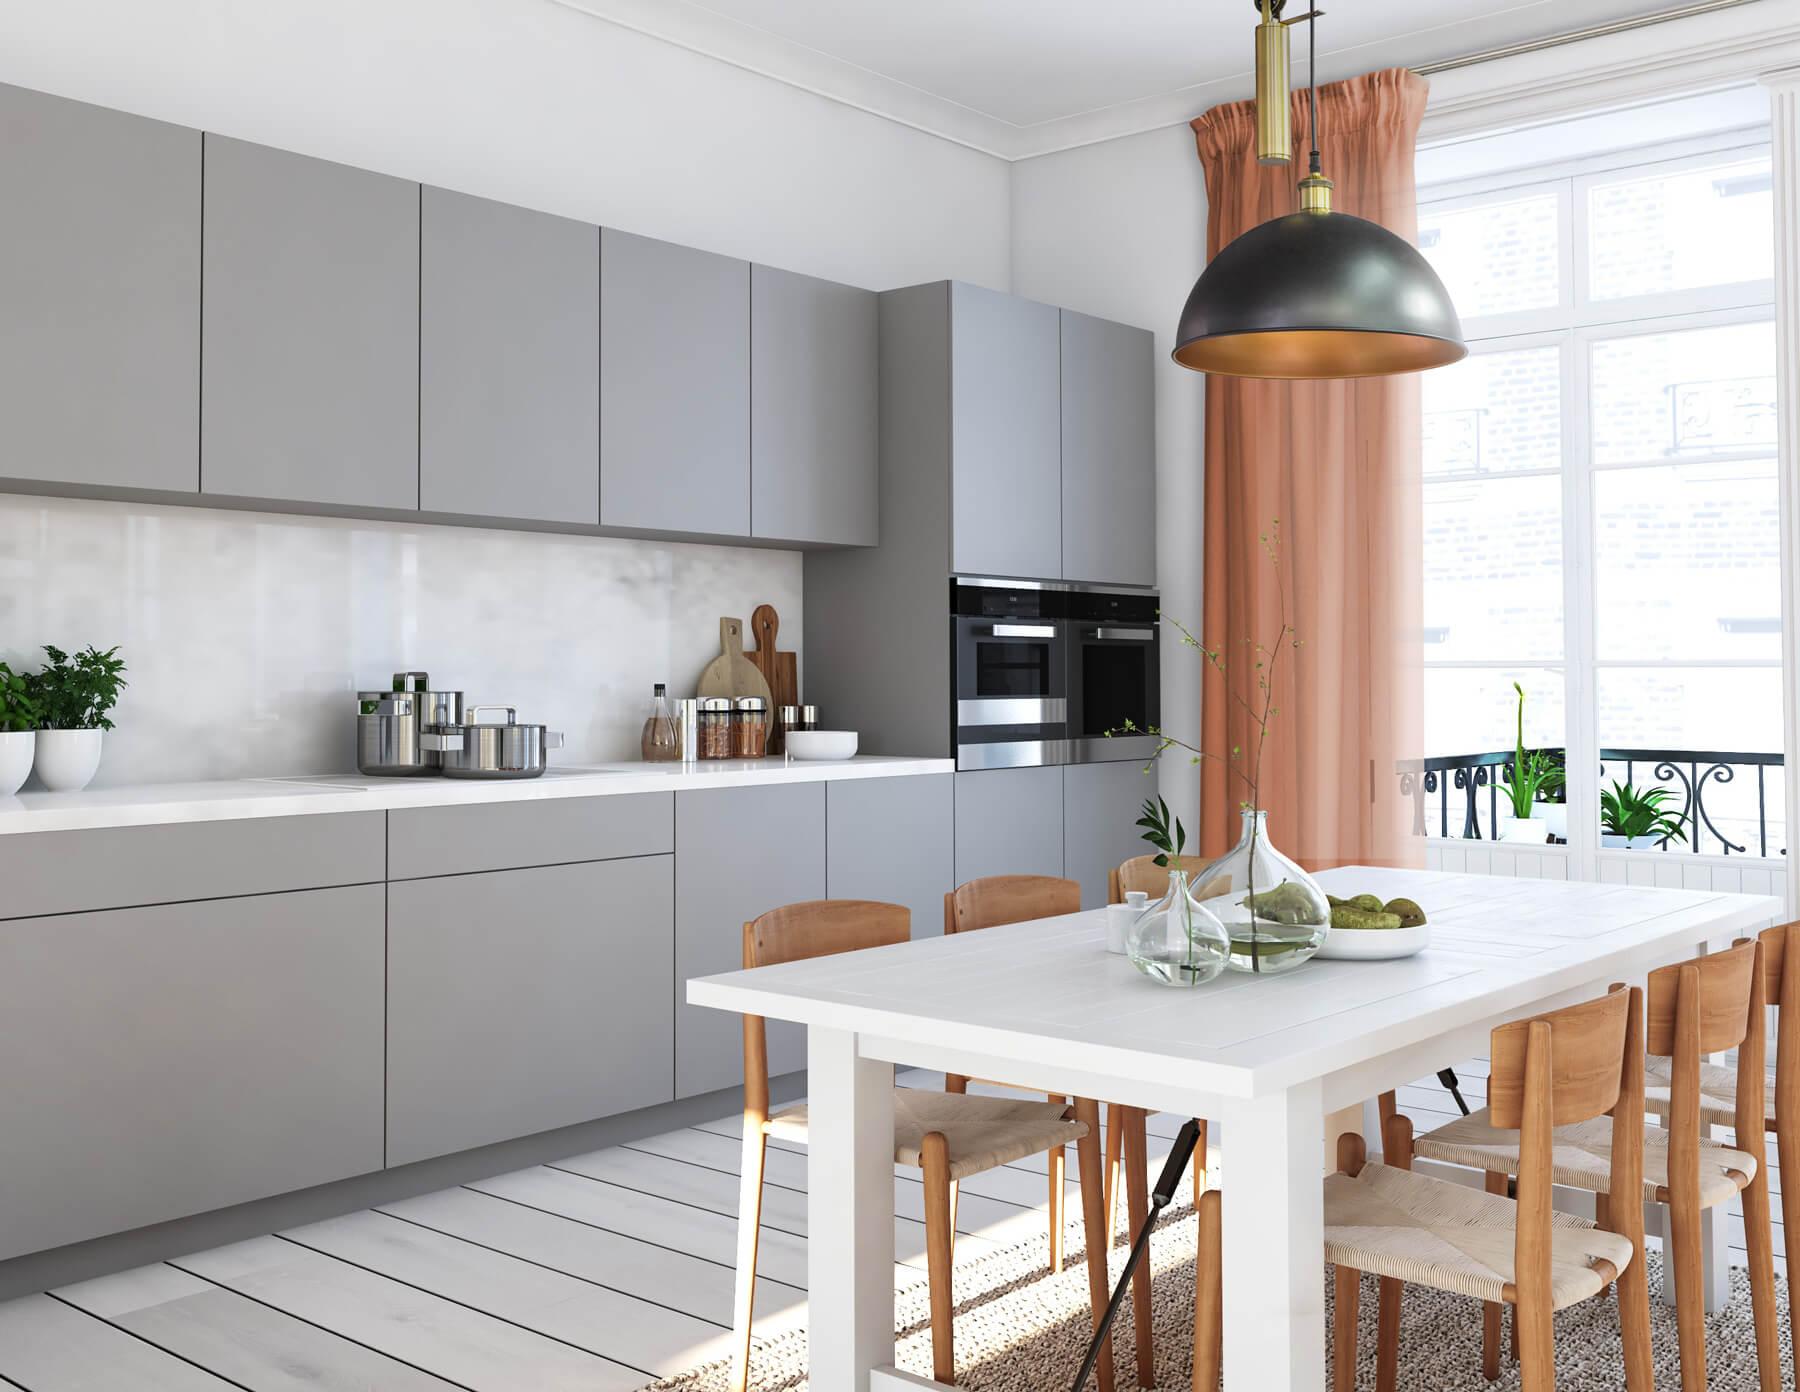 Bądź trendy! Modne dekoracje okienne do Twojej kuchni